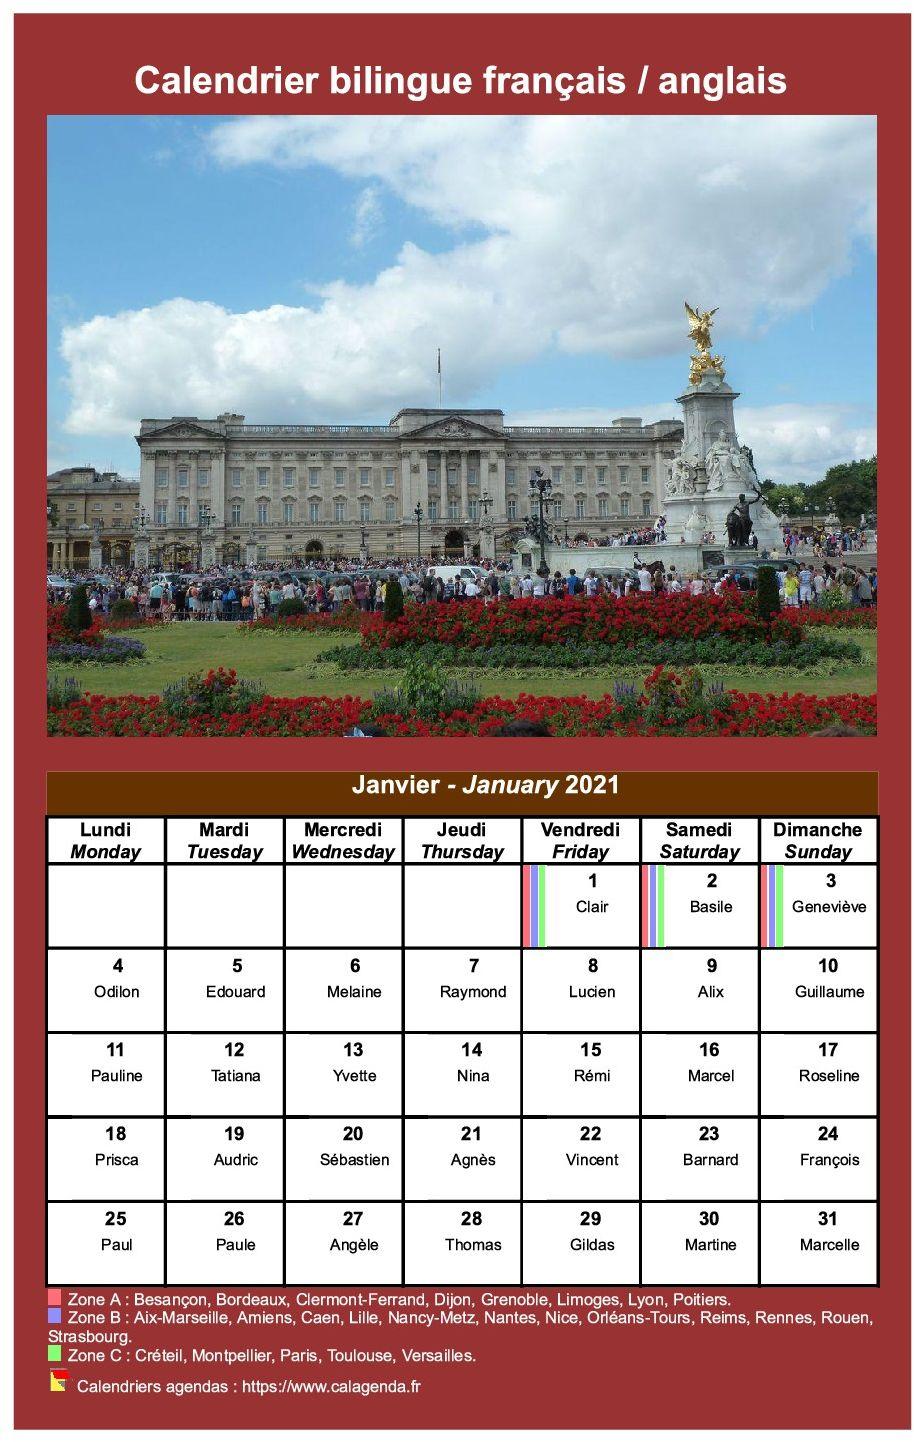 Calendrier 2021 Anglais Calendrier mensuel 2021 bilingue français / anglais.